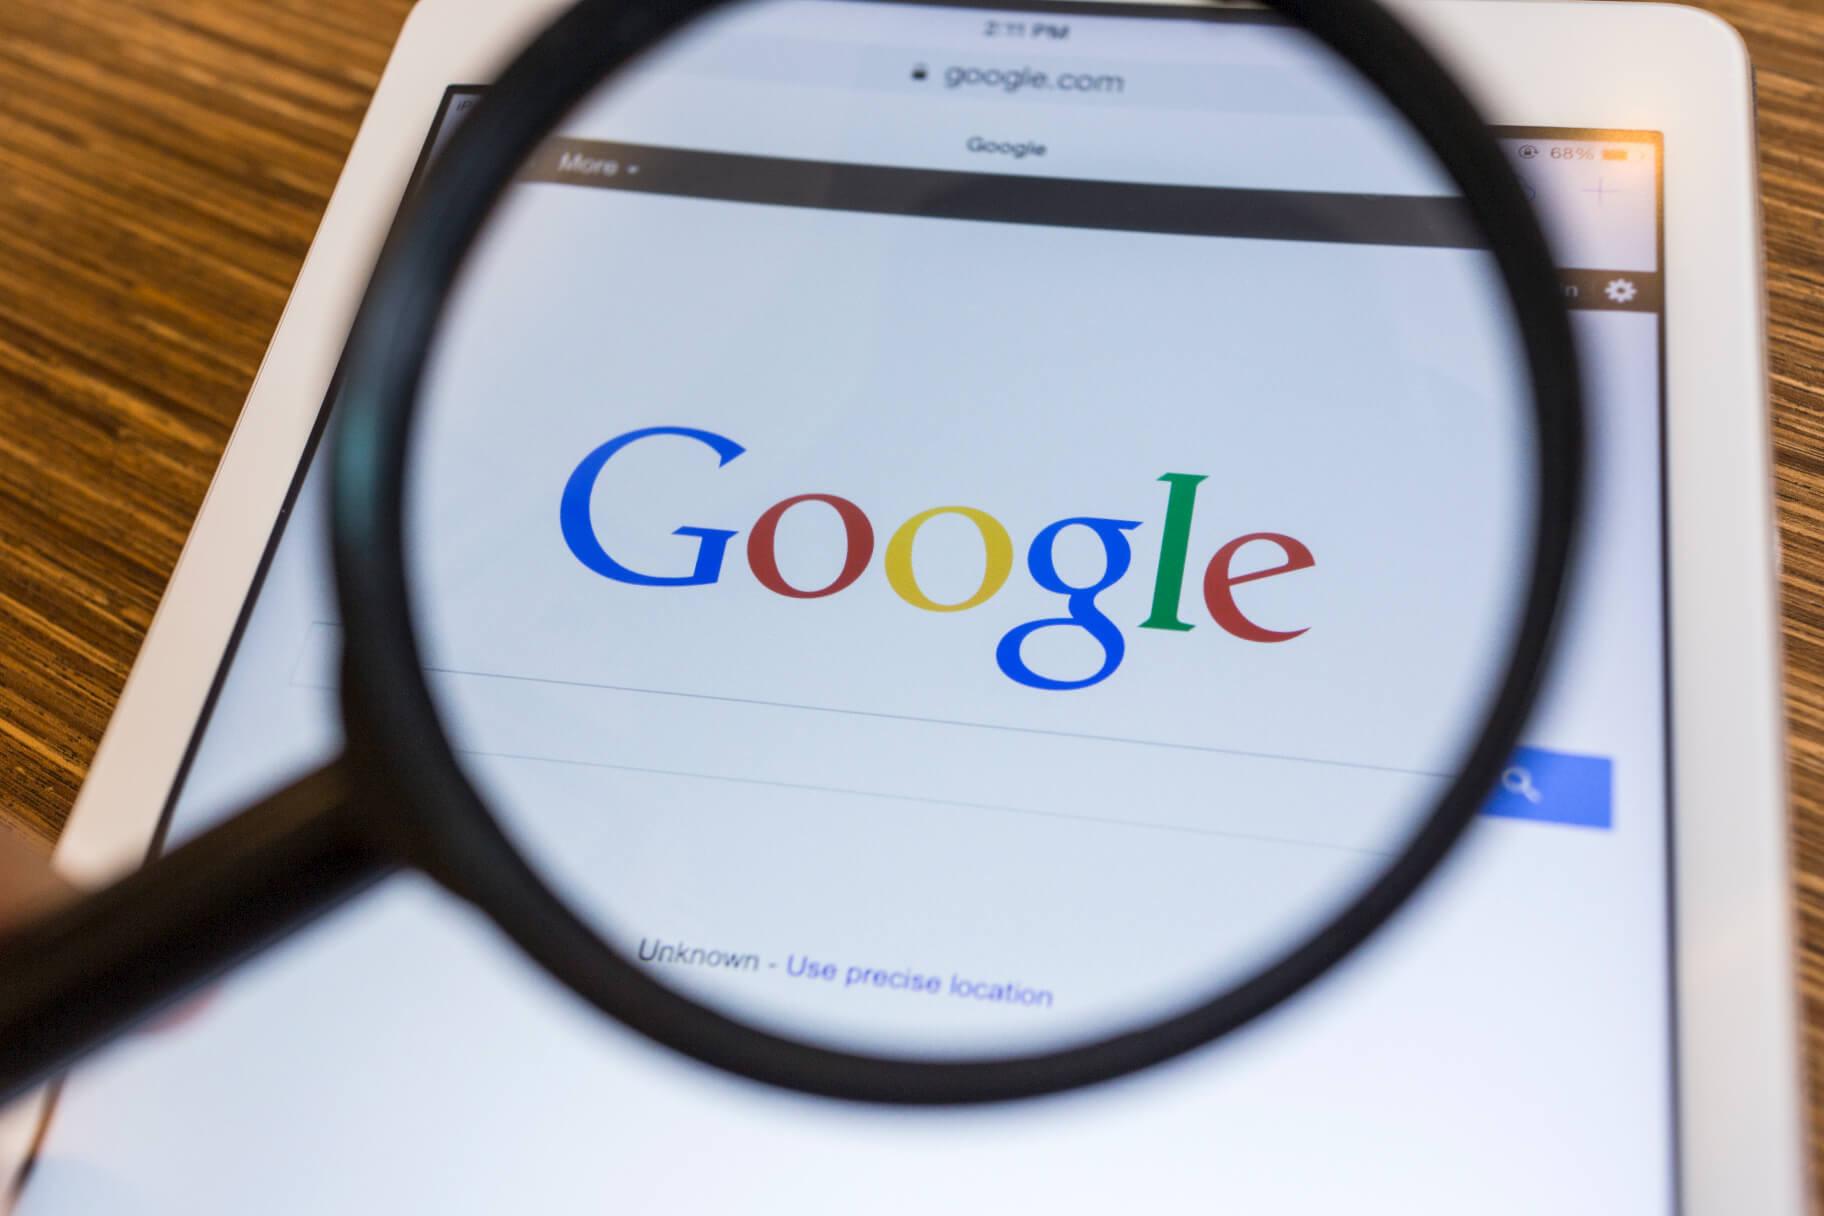 seo-google-para-fotografia-como-ter-meu-site-na-primeira-pagina-do-google-2020